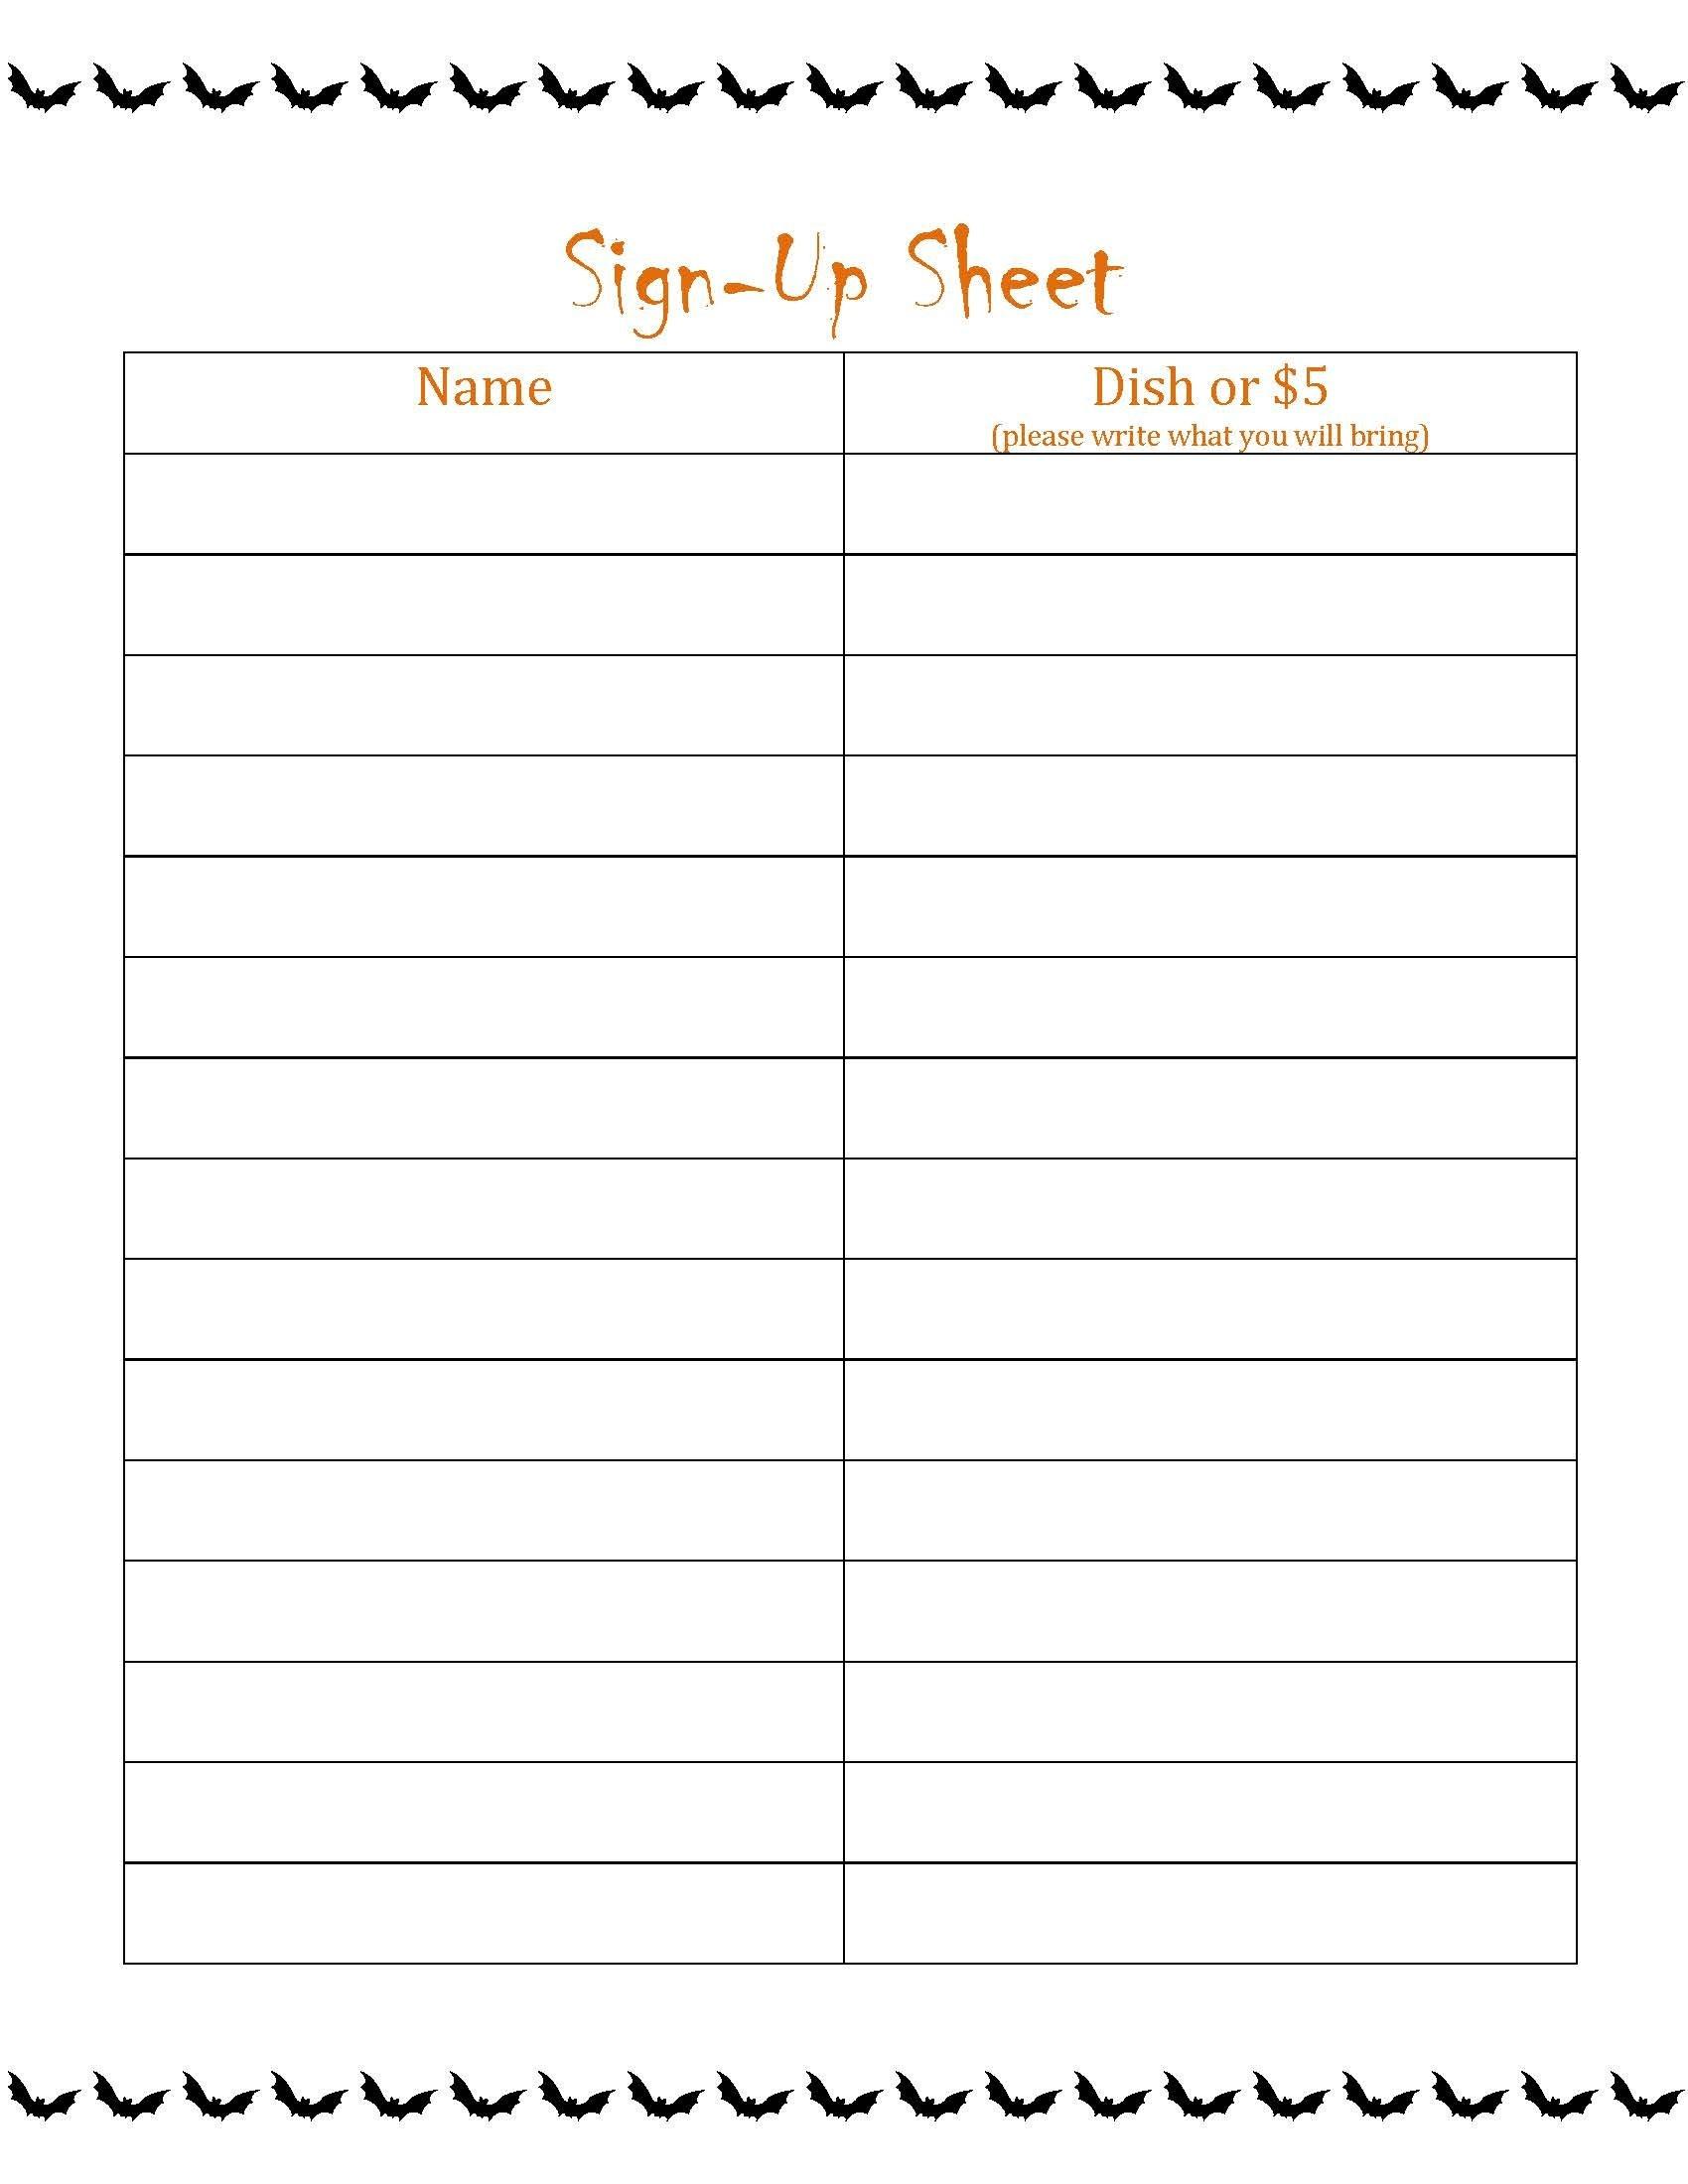 Sign Up Sheet For Potluck Unique Potluck Sign Up Sheet Halloween - Free Printable Sign Up Sheets For Potlucks